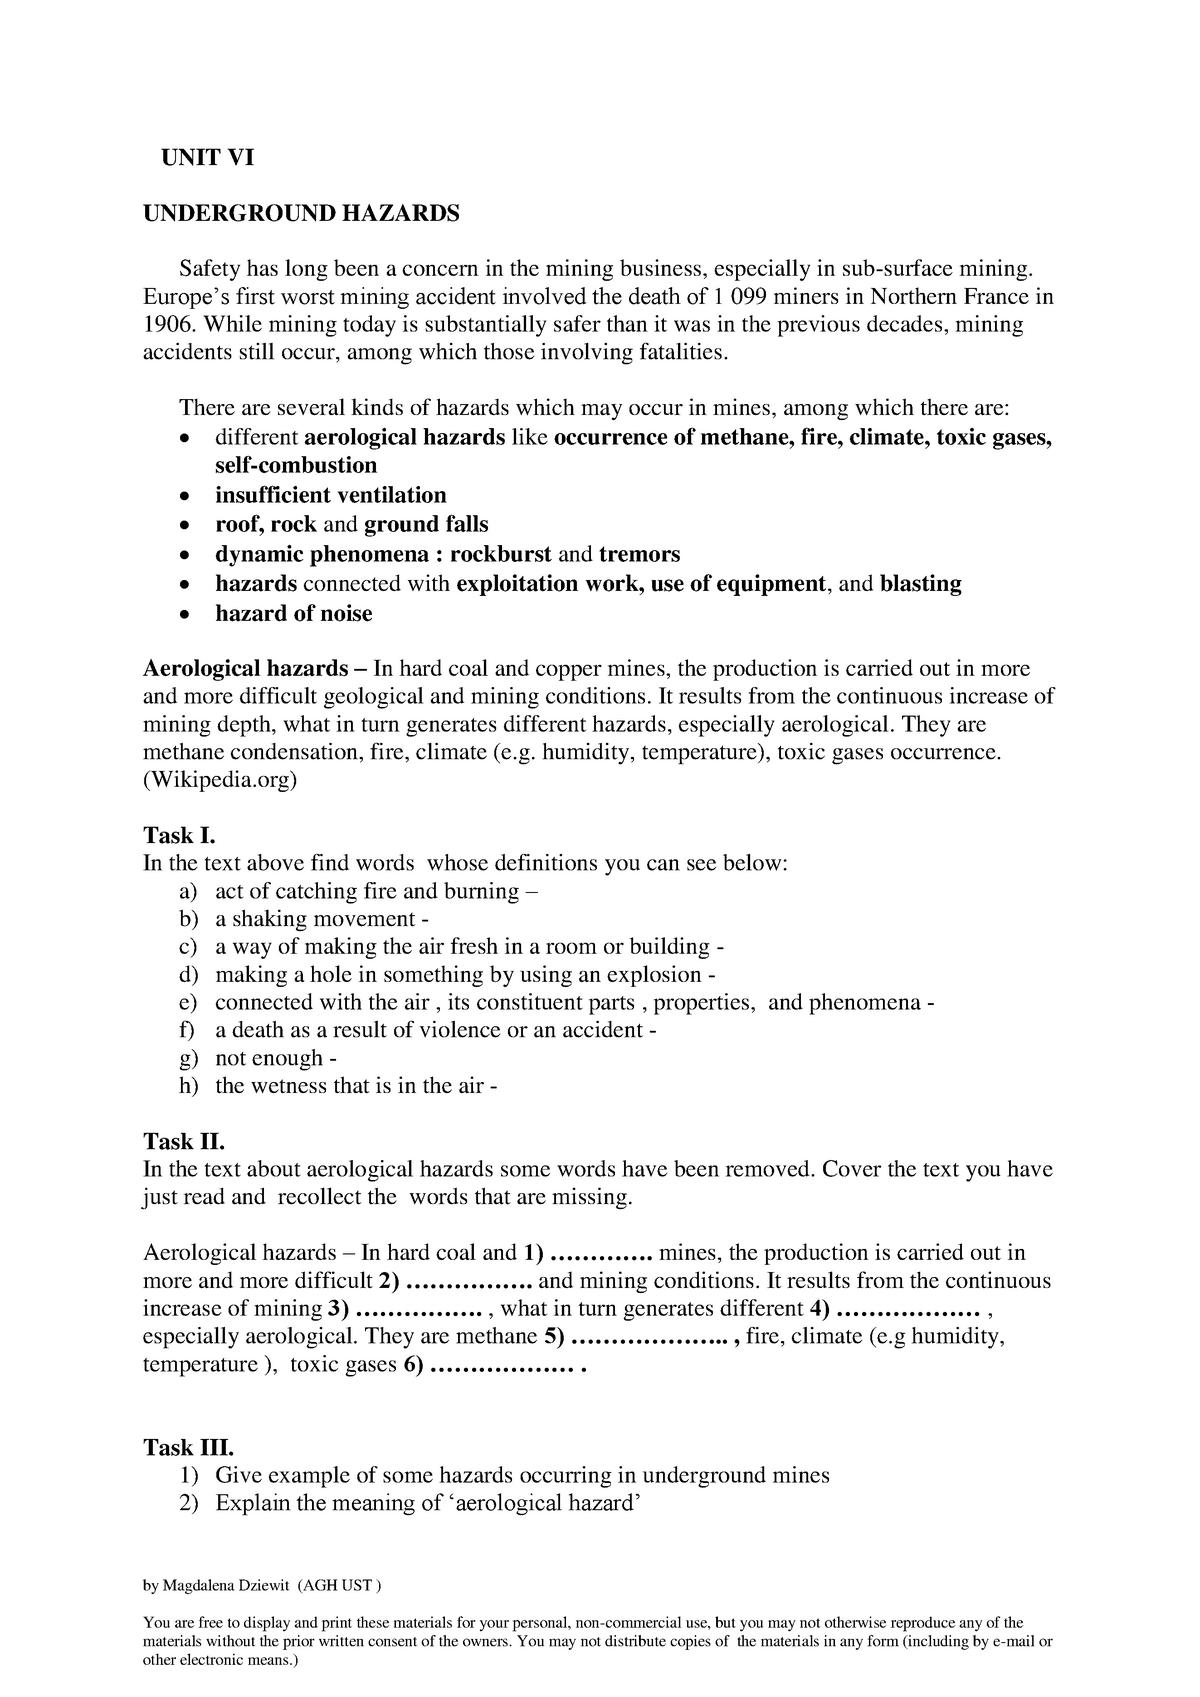 UNIT VI students - Specjalistyczny język angielski - WGIG